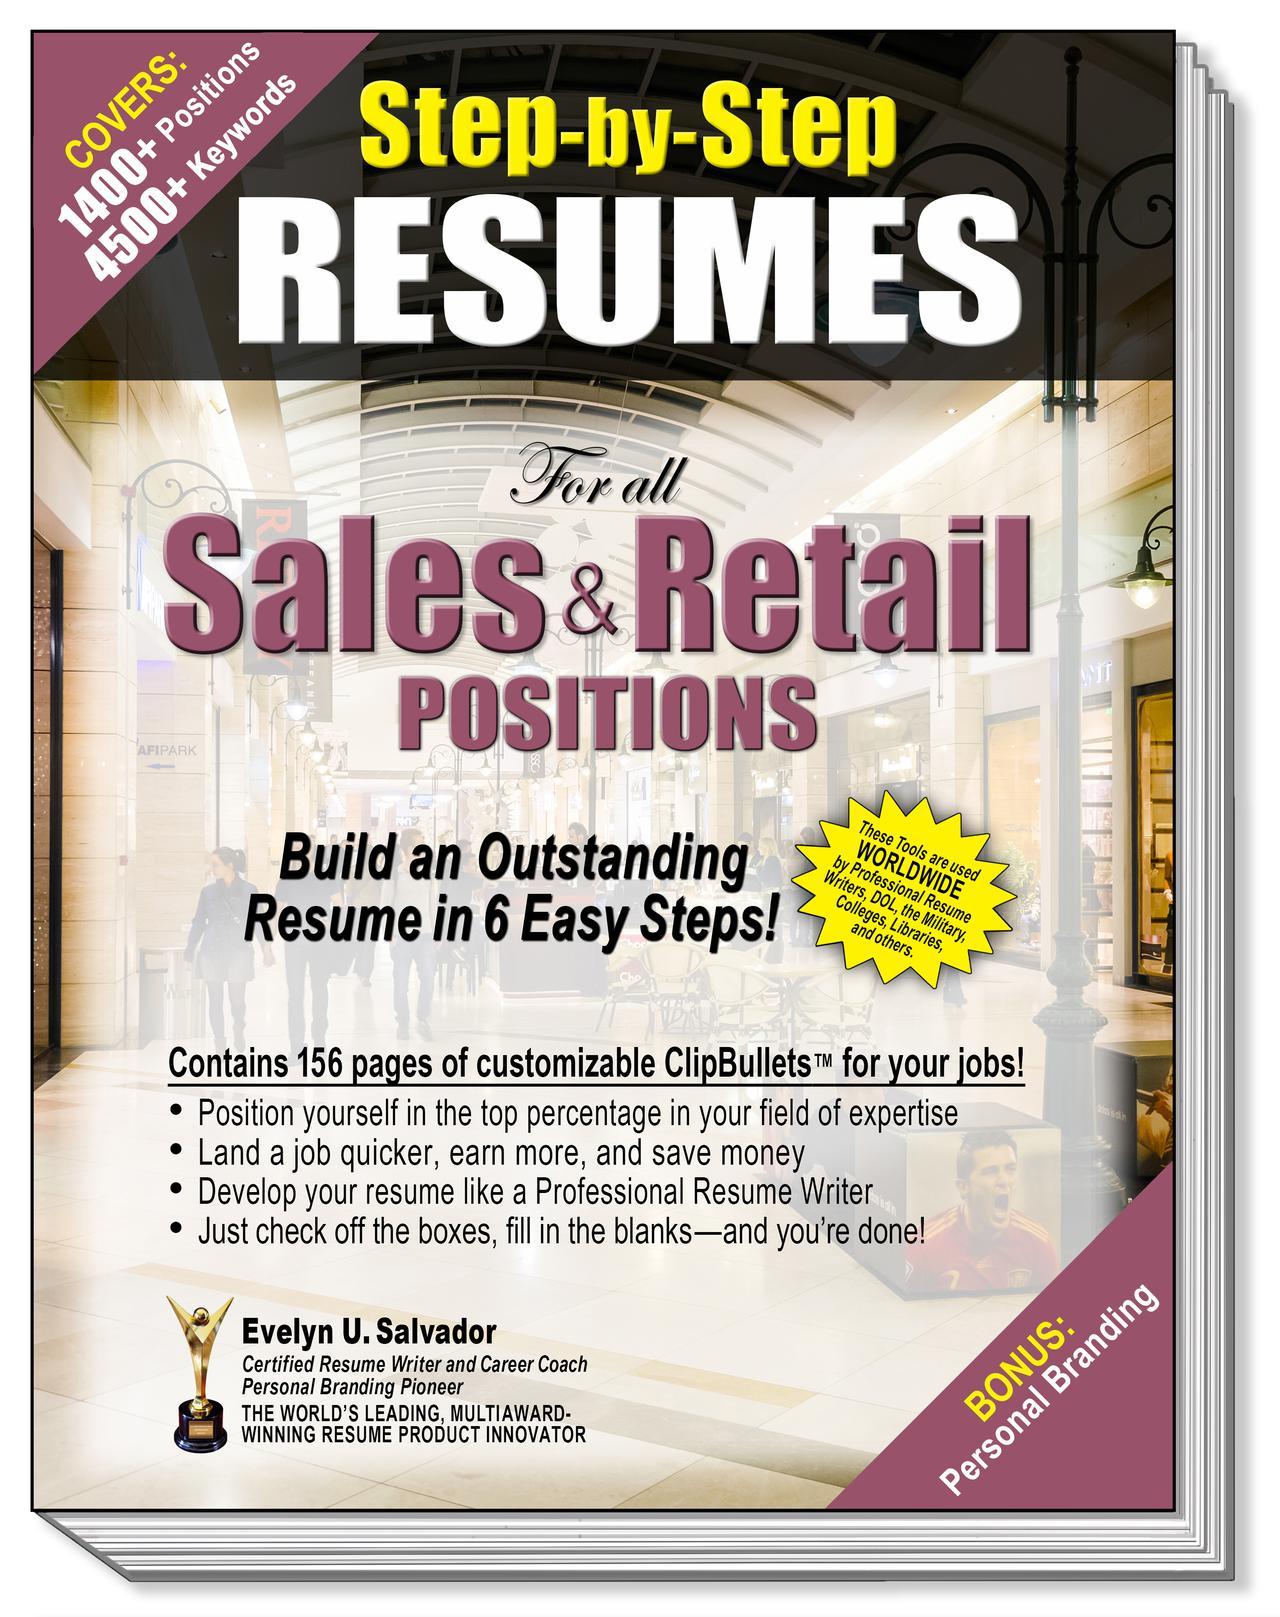 sales & retail.jpg